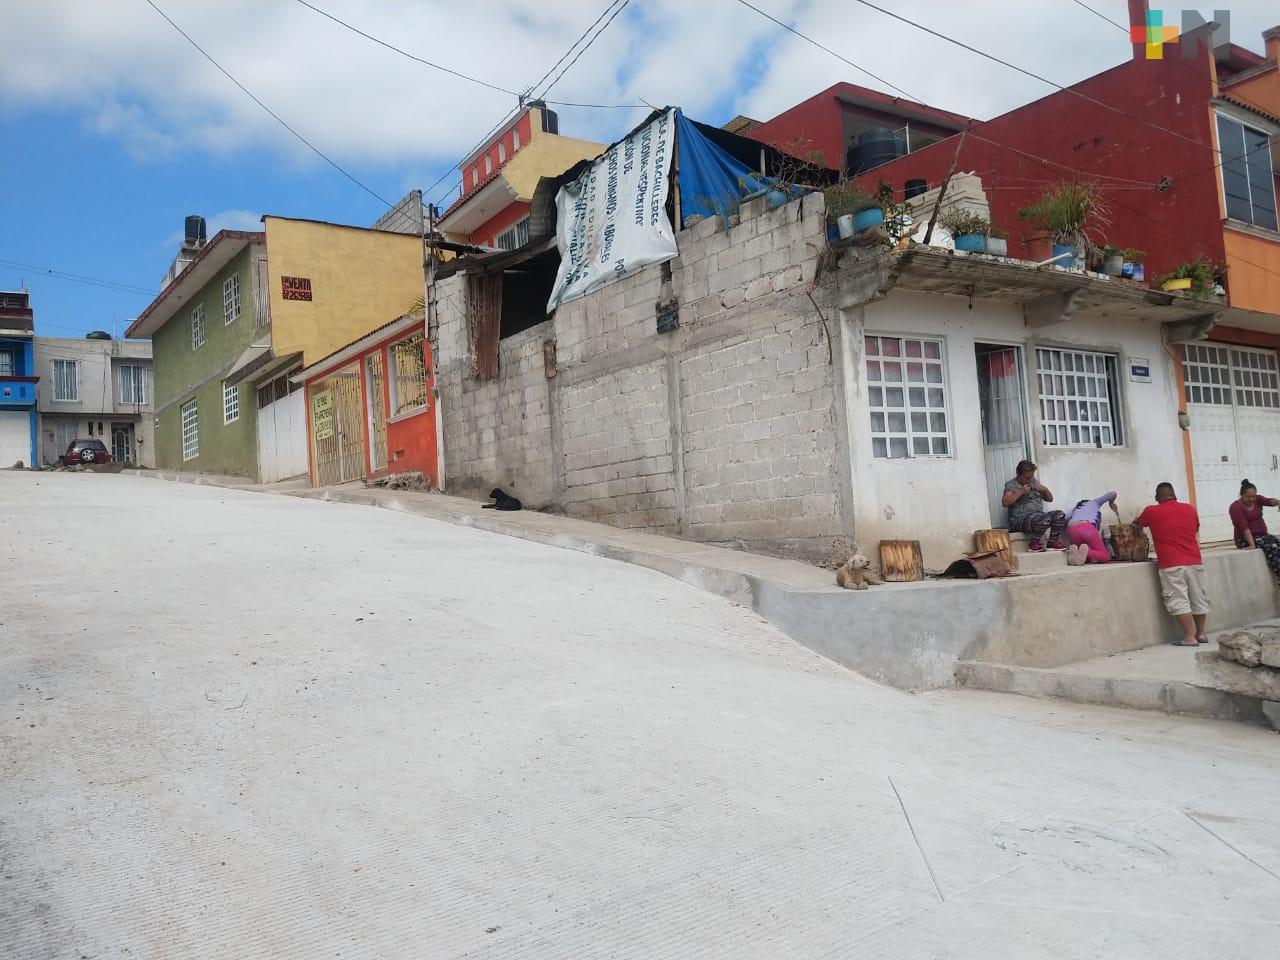 SIOP concluye obra en La Haciendita, vecinos agradecidos con la pavimentación